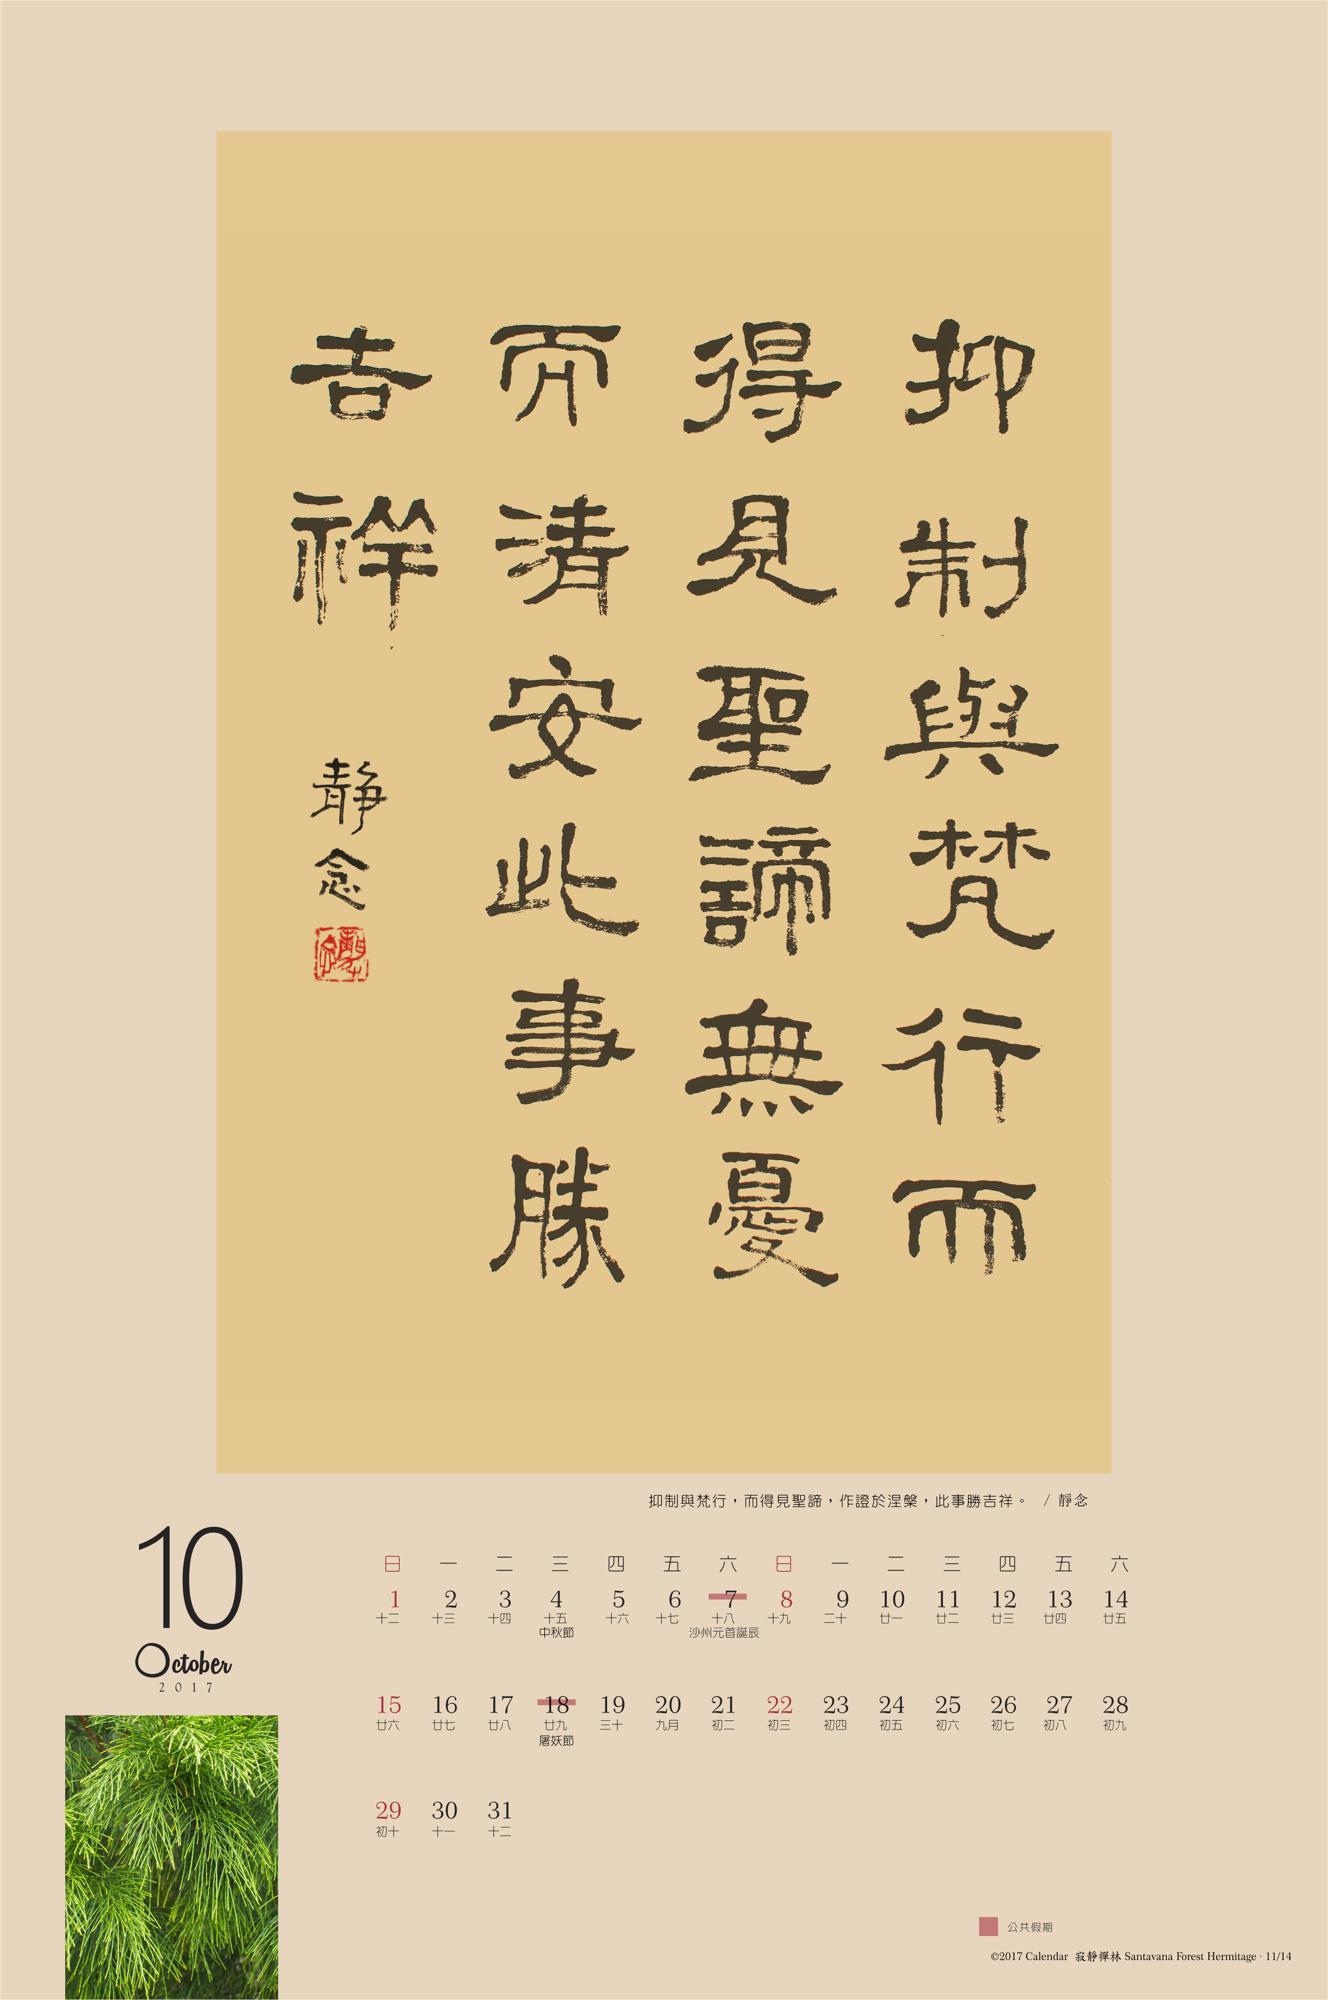 抑制與梵行,而得見聖諦,作證於涅槃,此事勝吉祥。/靜念